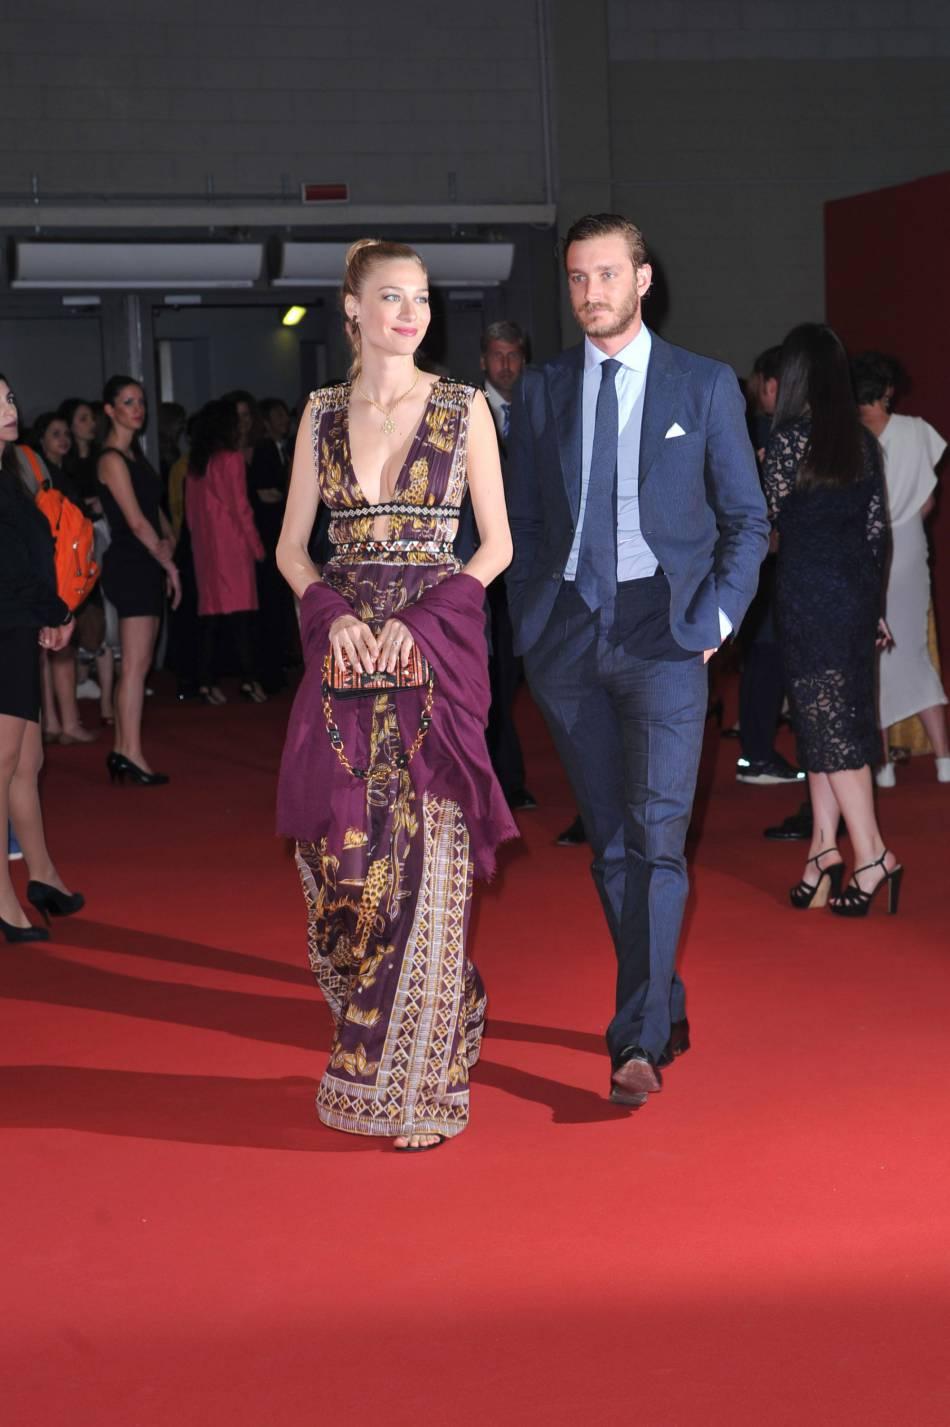 Pierre Casiraghi et Beatrice Borromeo, tous les deux sur leur trente-et-un pour la soirée de lancement de l'event mode milanais Convivio.